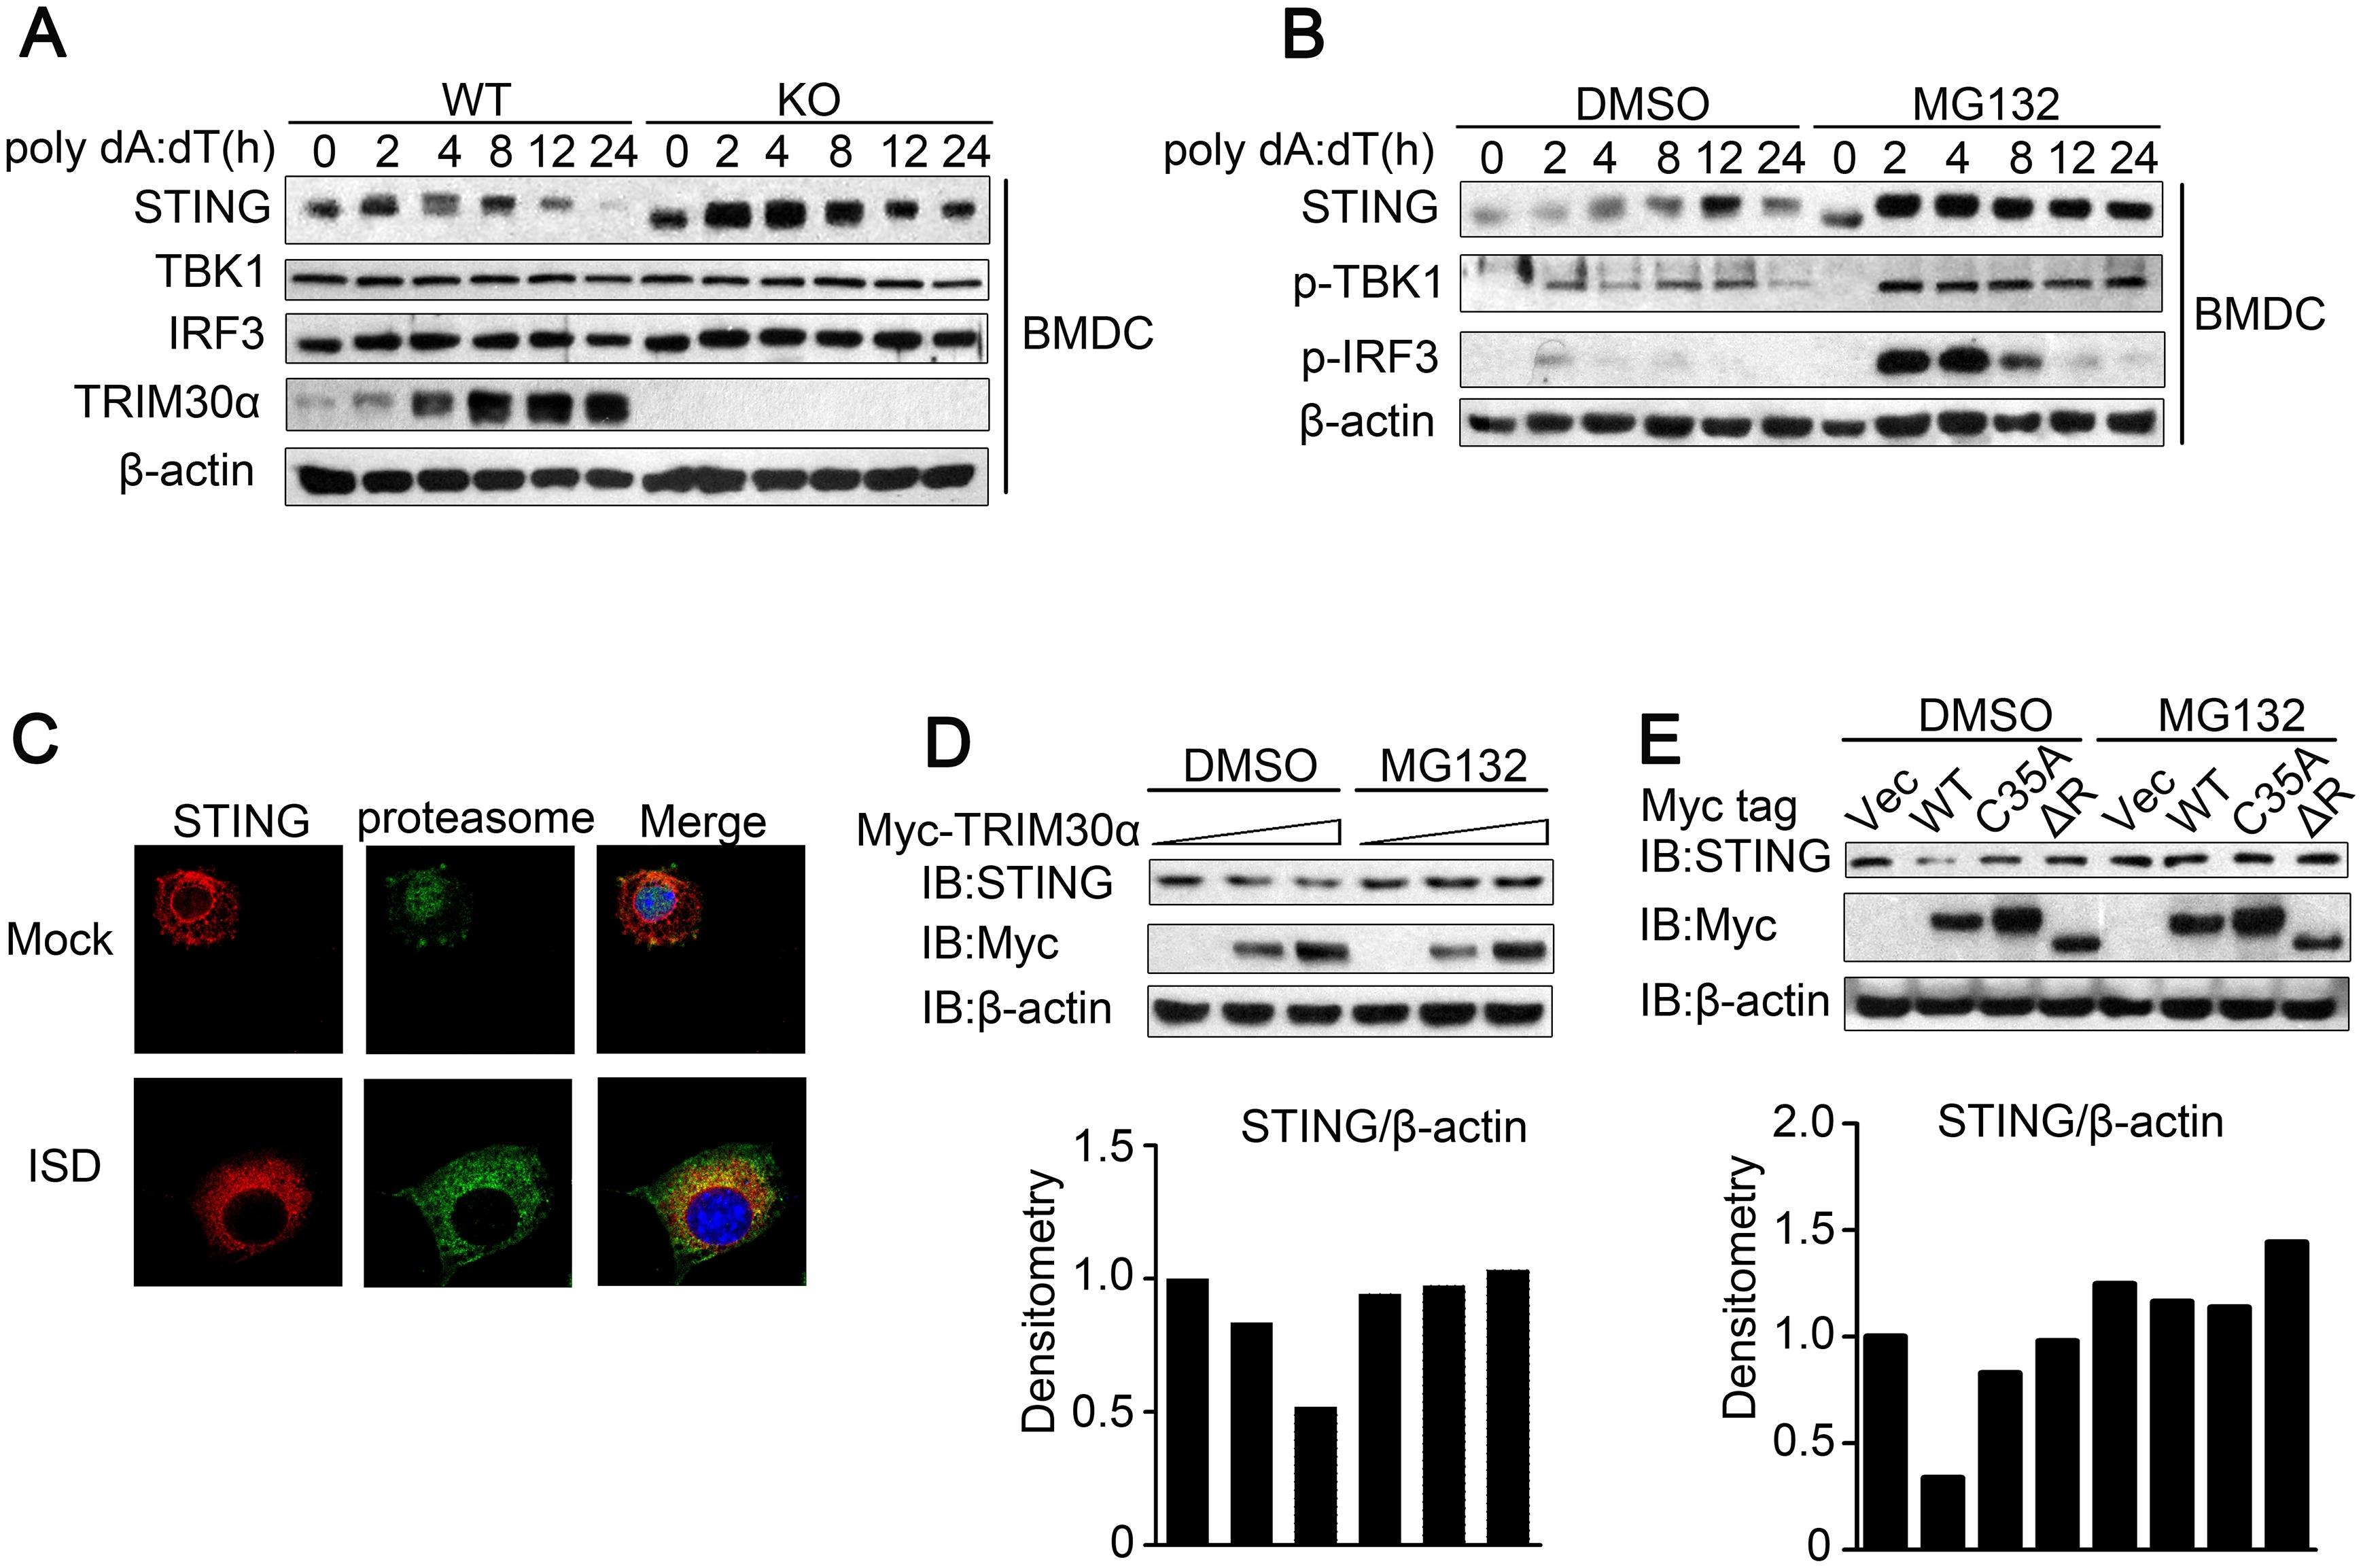 TRIM30α enhances the degradation of STING.